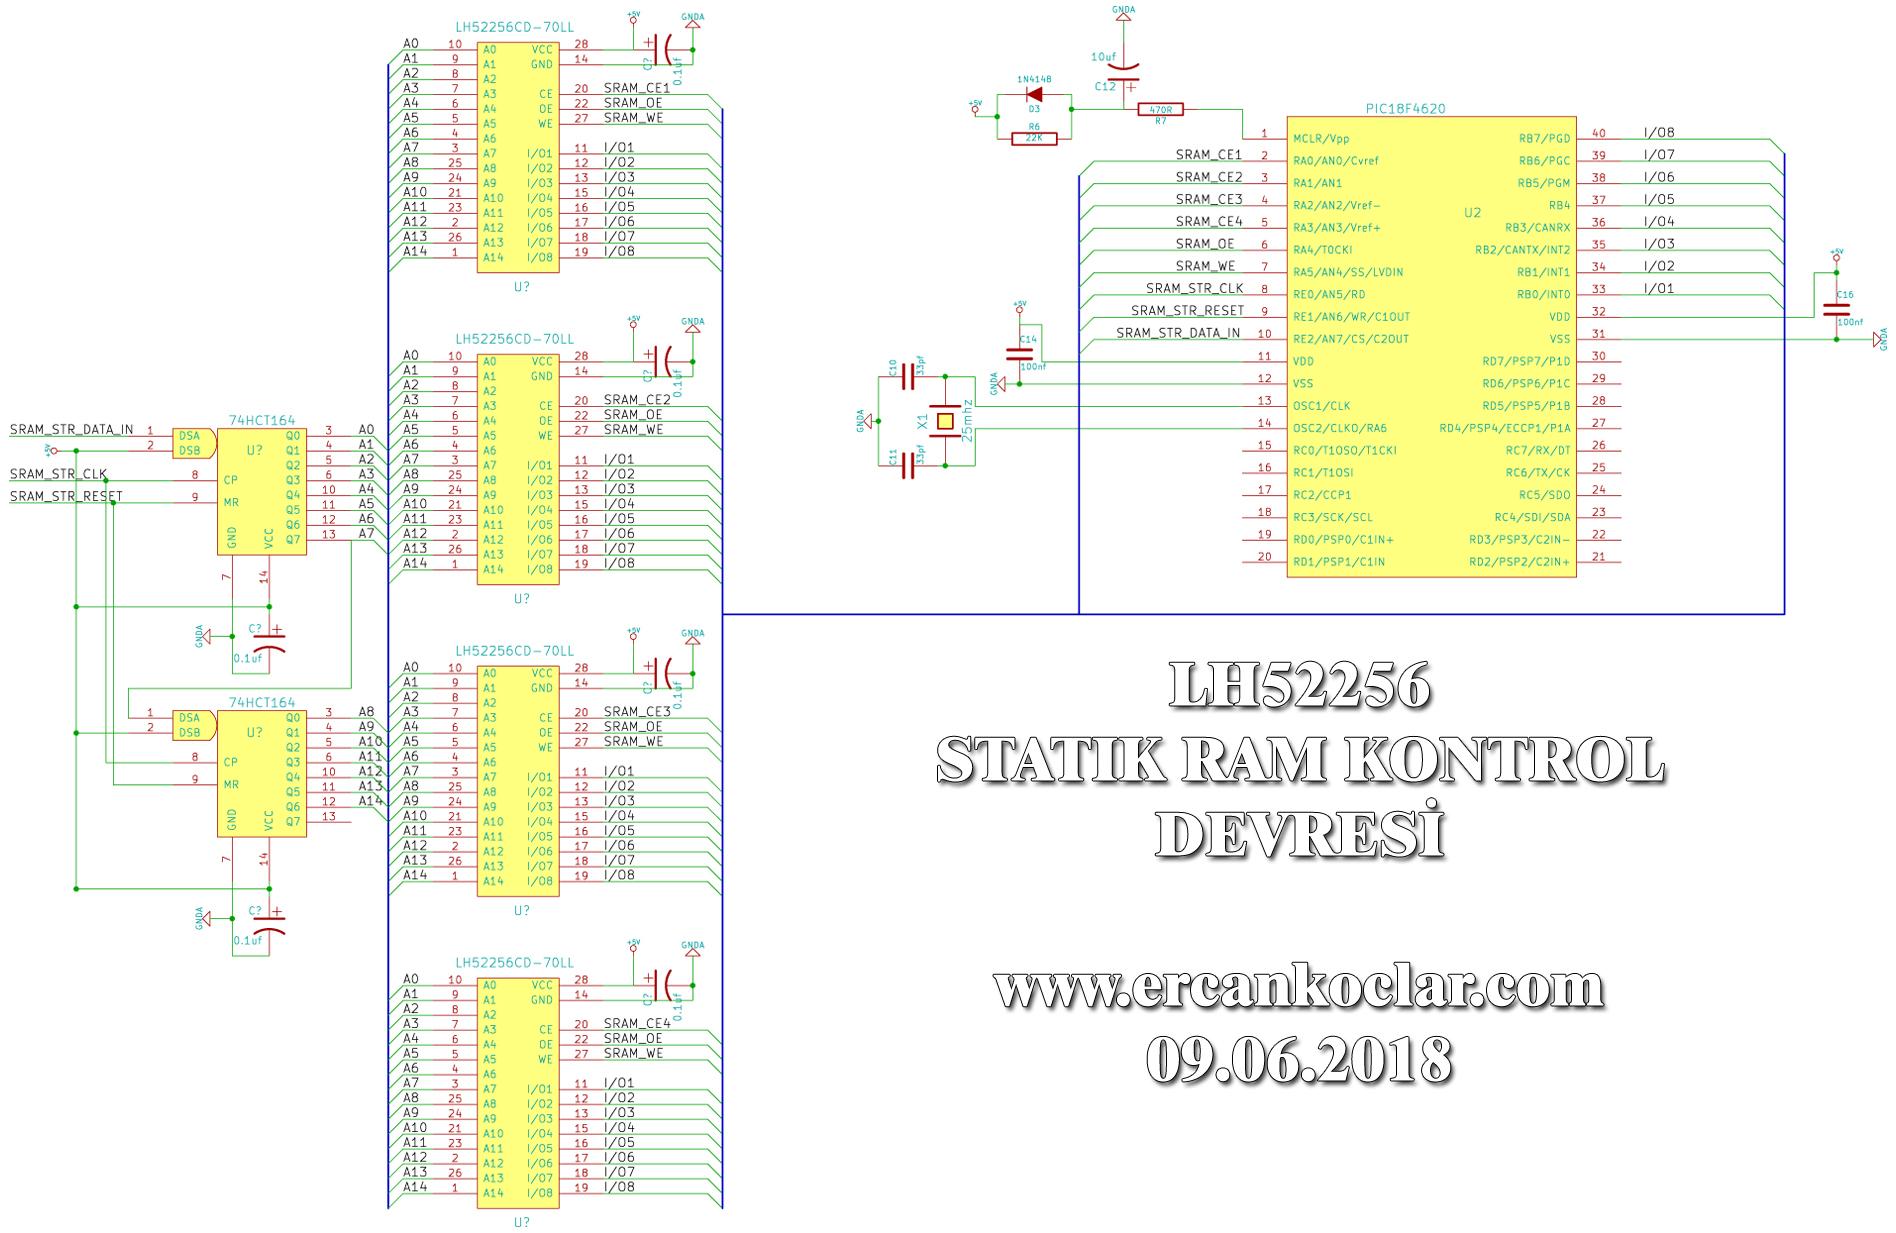 LH52256-SRAM-devre-semasi